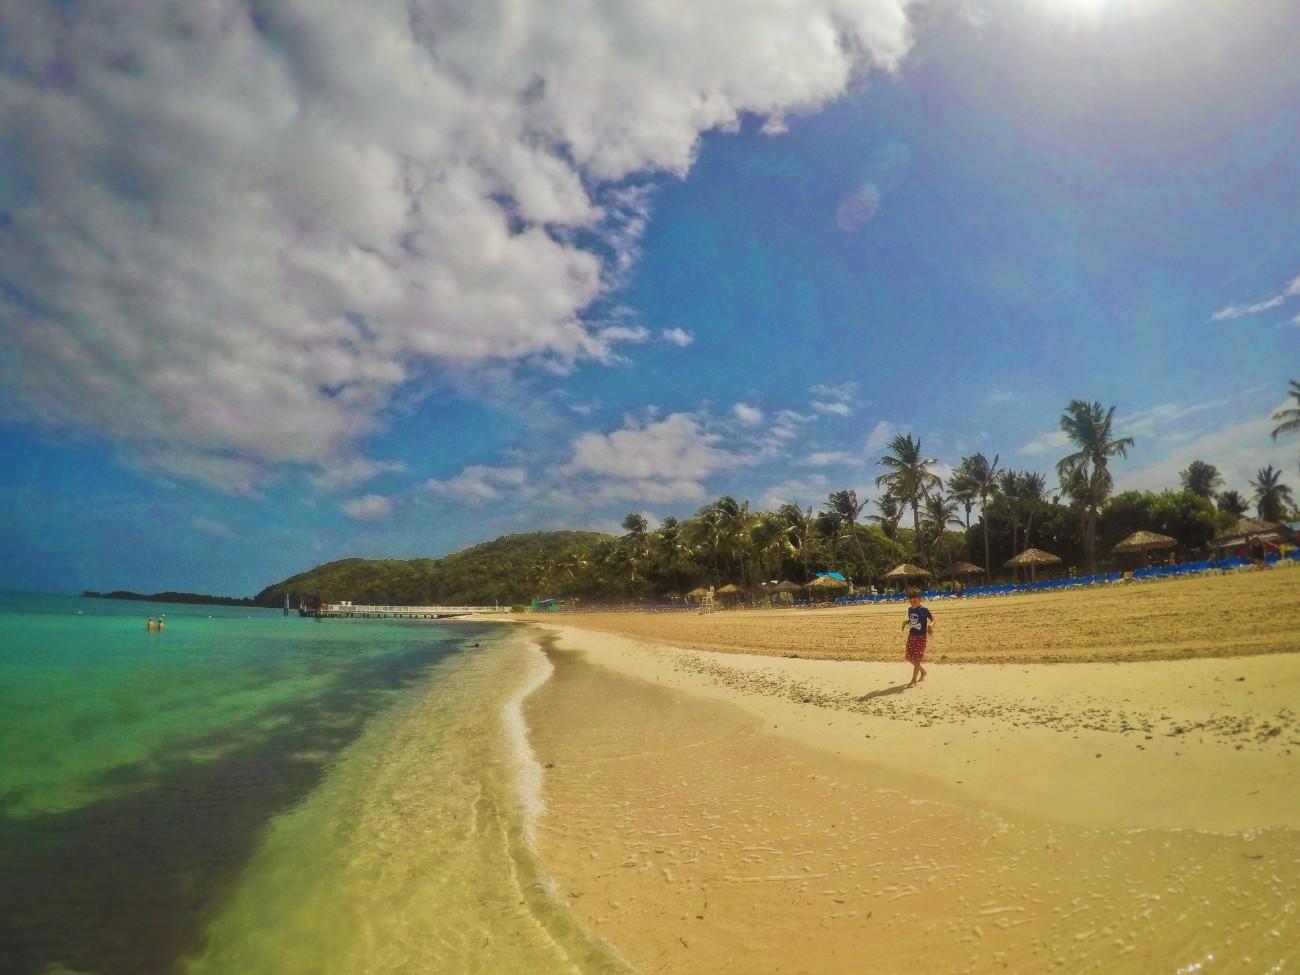 Beach-on-Isla-Palominito-El-Conquistador-Puerto-Rico-3.jpg